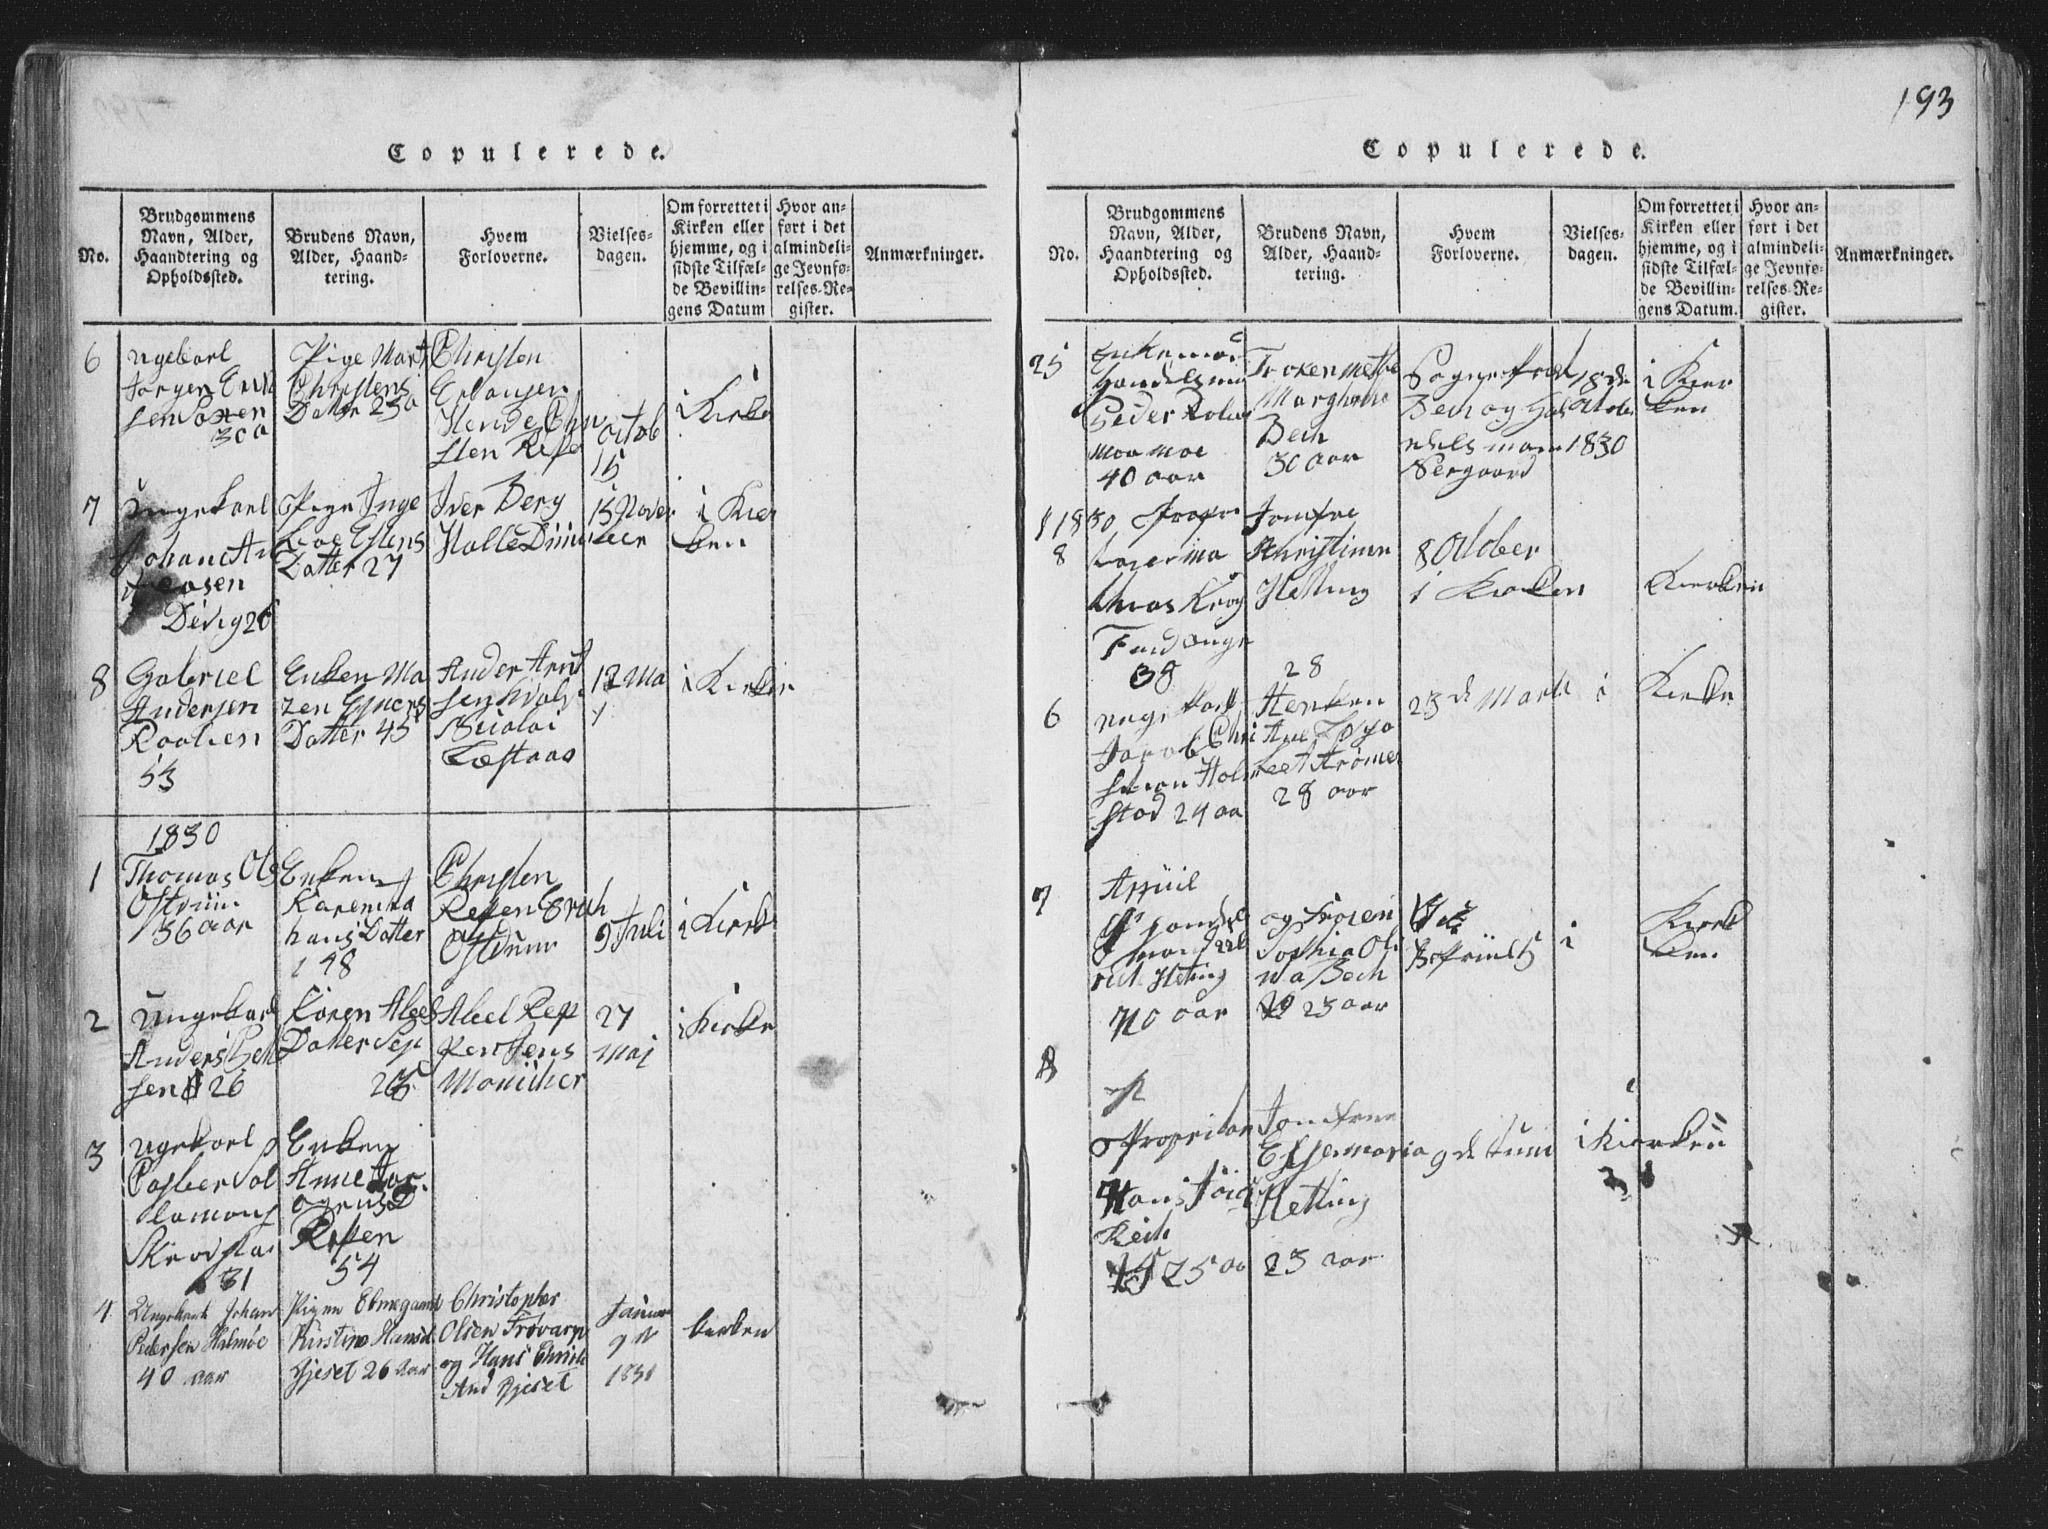 SAT, Ministerialprotokoller, klokkerbøker og fødselsregistre - Nord-Trøndelag, 773/L0613: Ministerialbok nr. 773A04, 1815-1845, s. 193